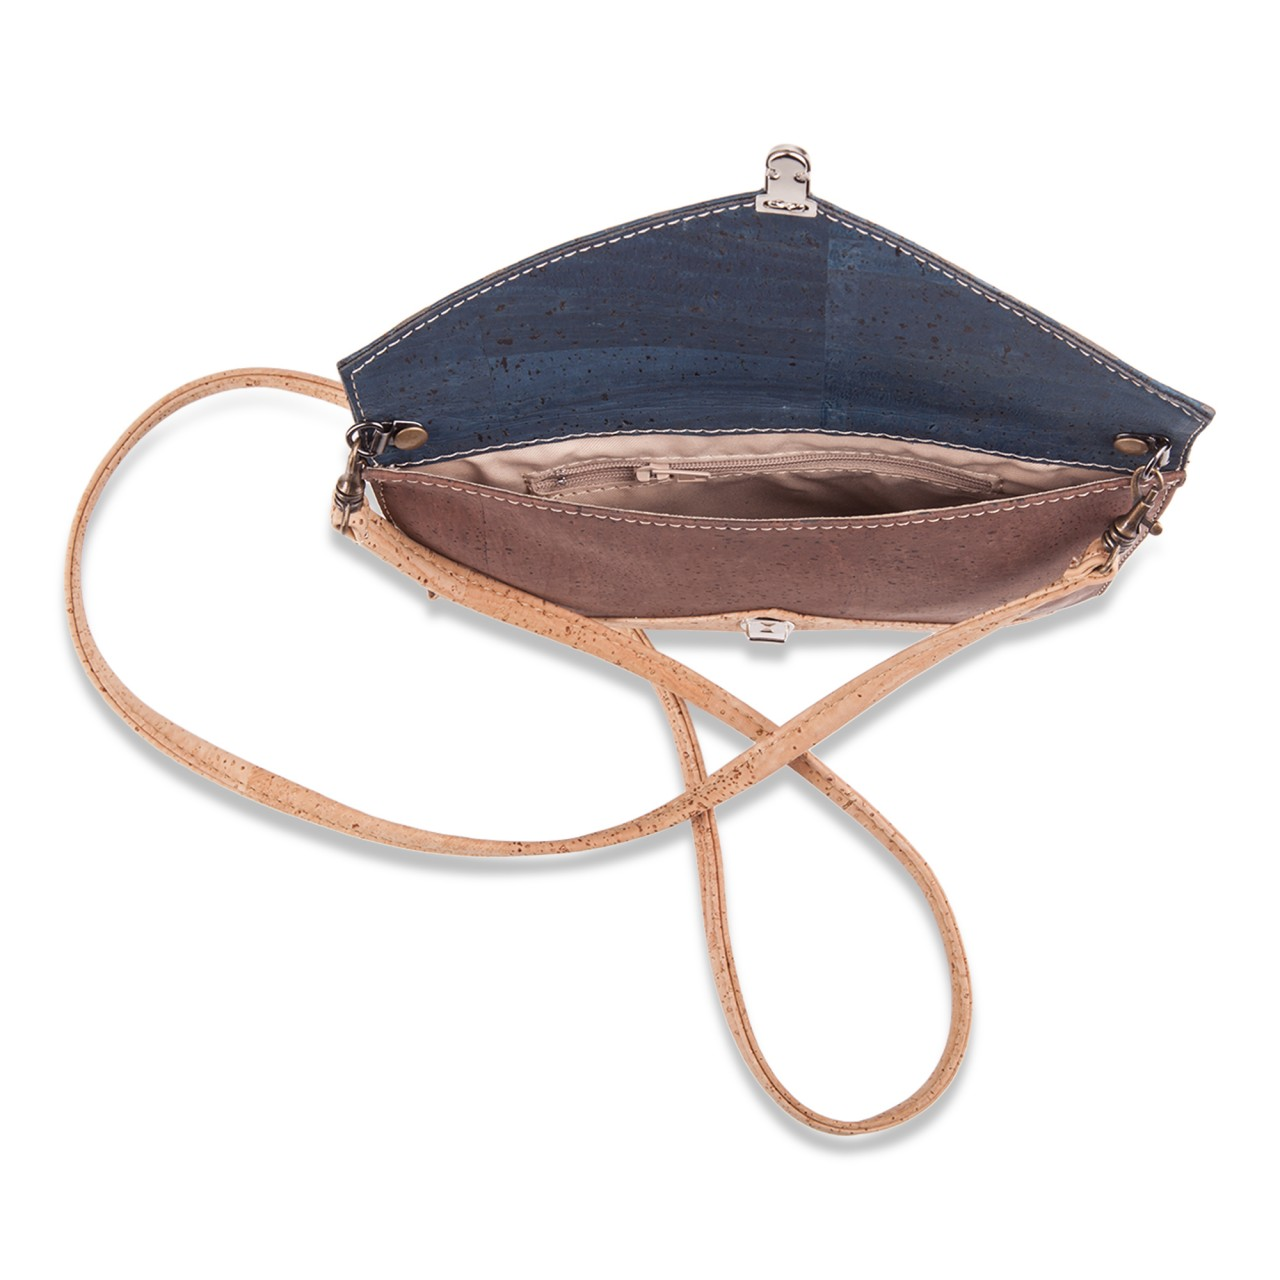 67768255af0 KATHERINE CORK TRICOLOR ENVELOPE SLING BAG (BEIGE/BROWN/DARK BLUE)